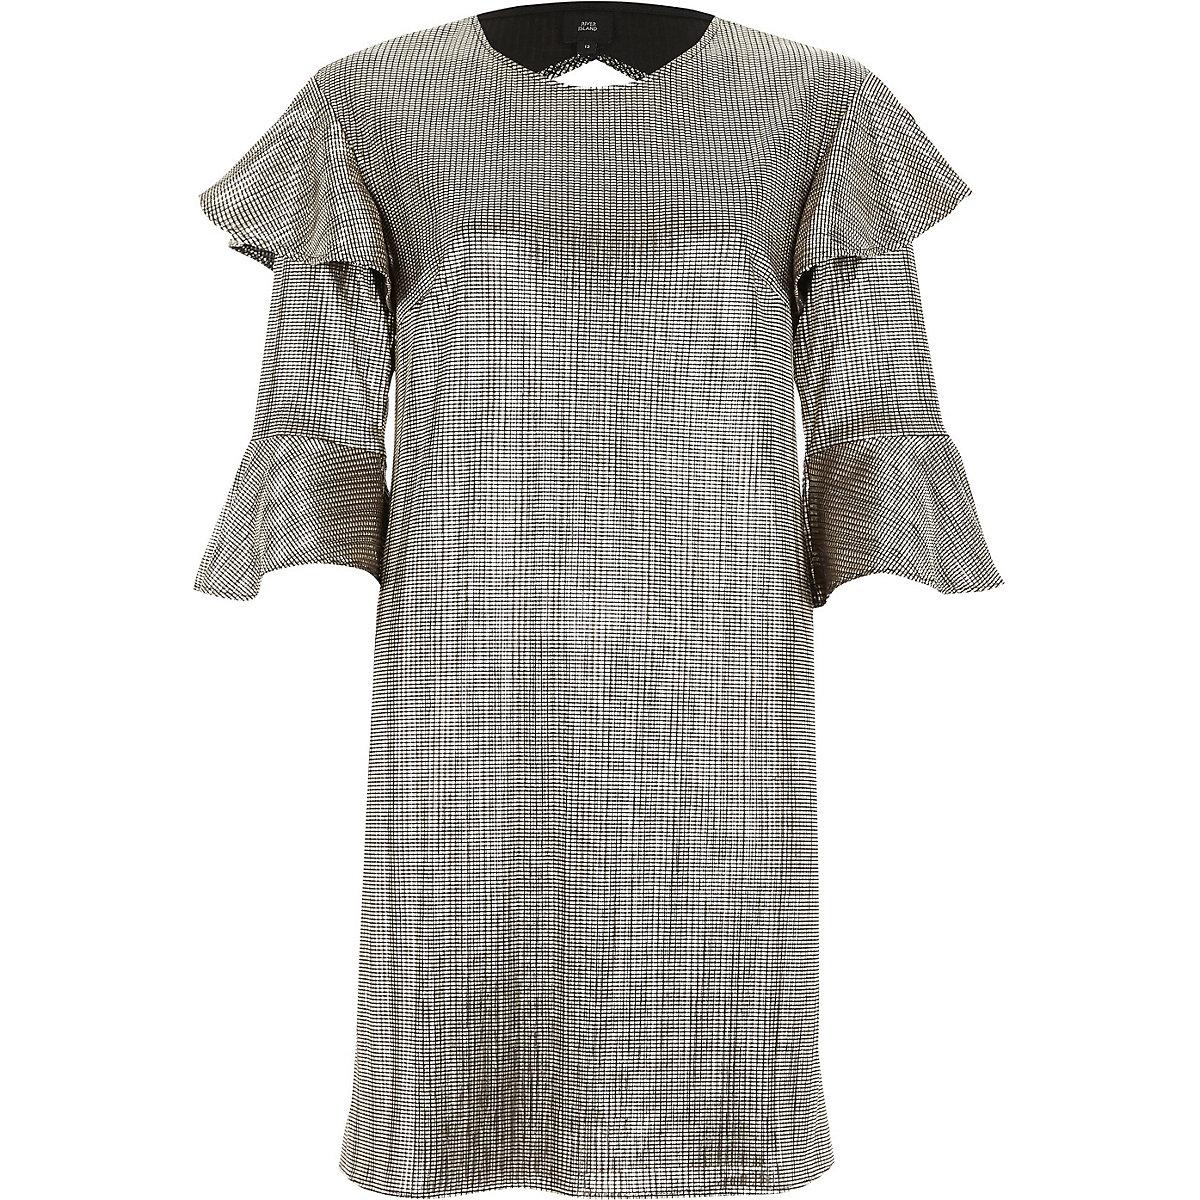 Gold foil frill T-shirt dress